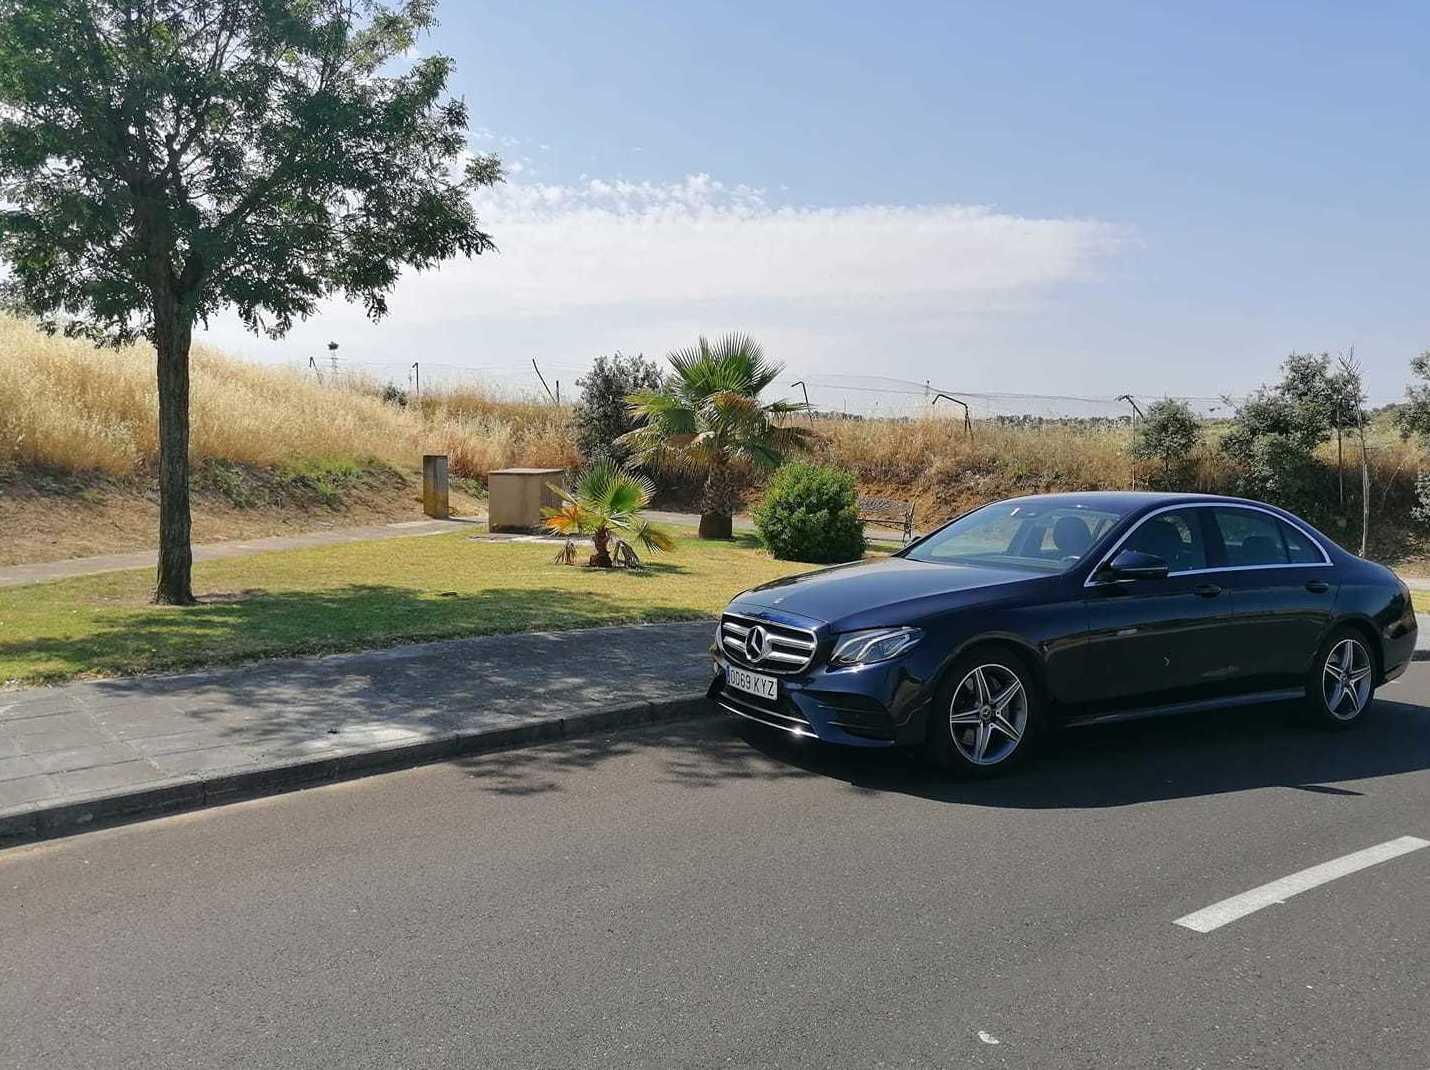 Foto 21 de Alquiler de vehículos con conductor en  | Candecar